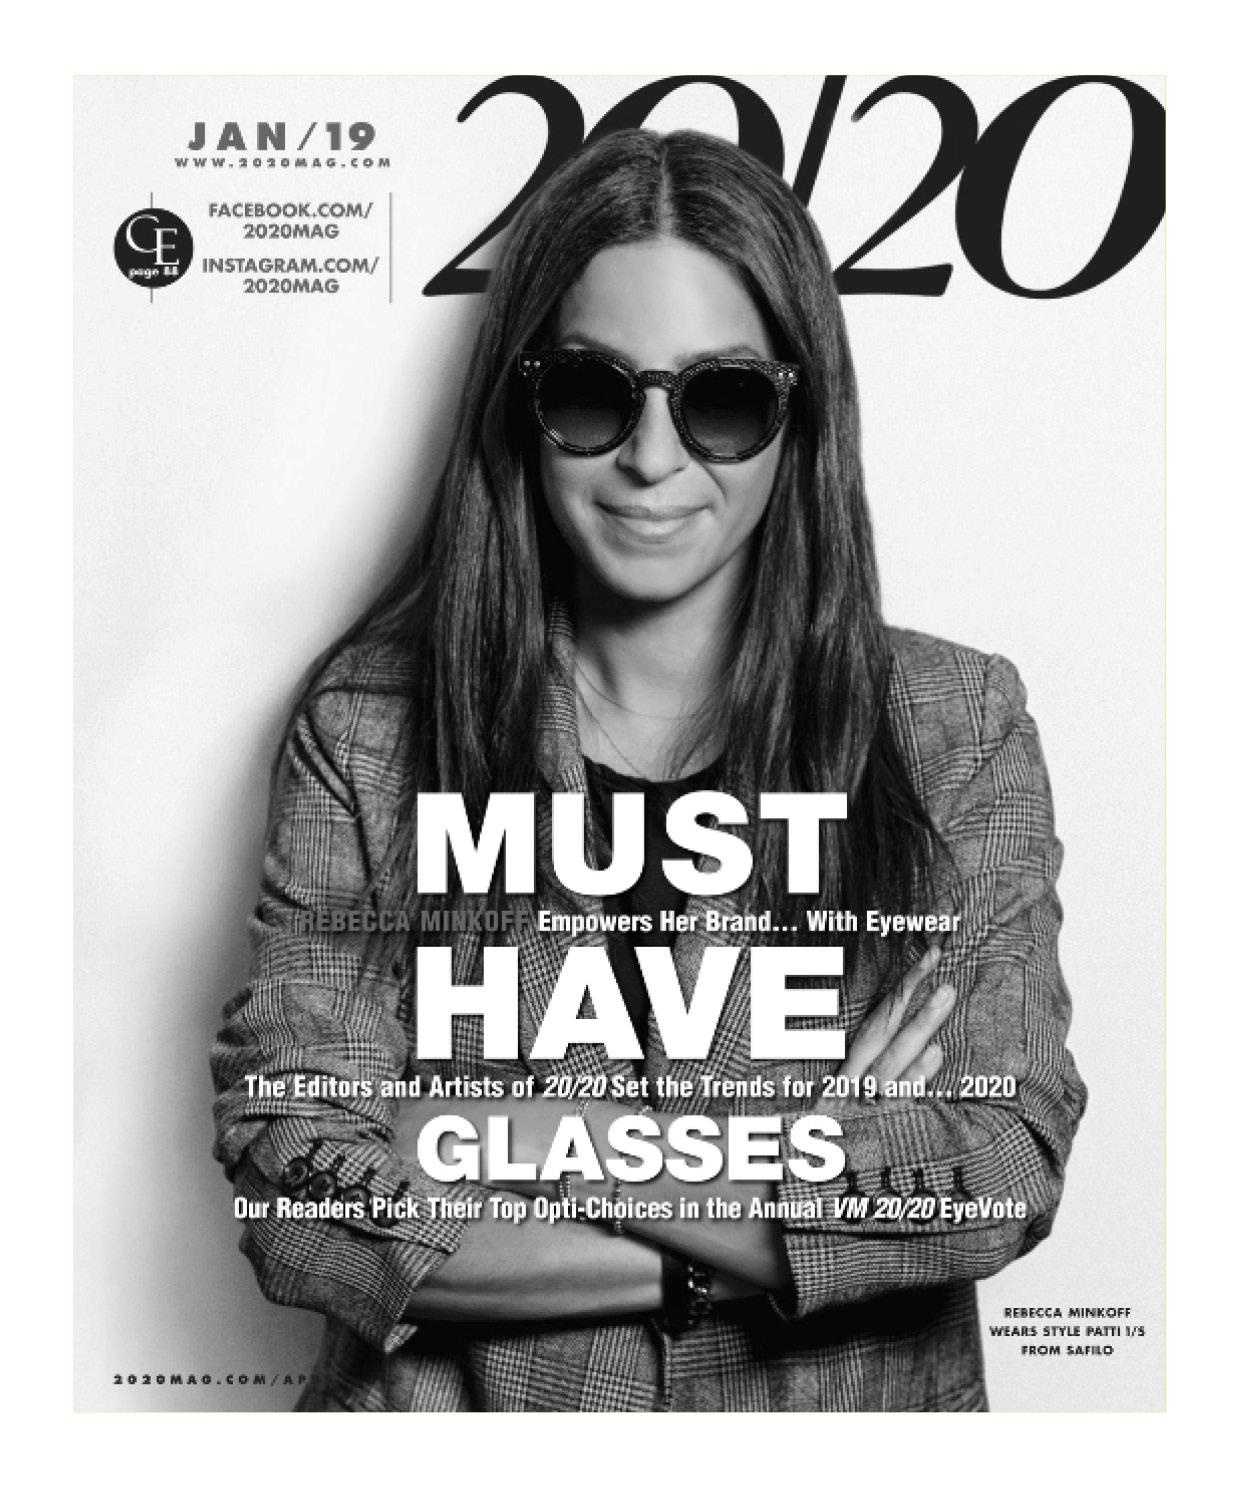 KK_Press_Magazine_cover.jpg